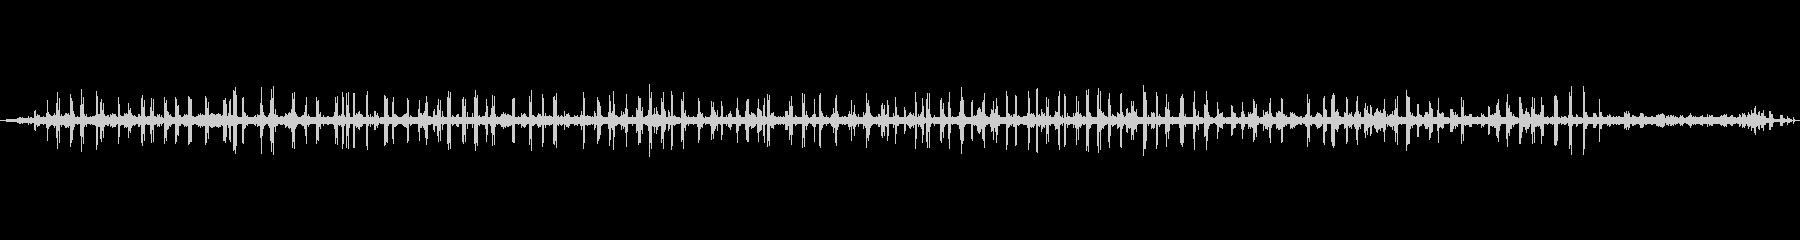 【自然音】栃木山中の鳥の声_2の未再生の波形